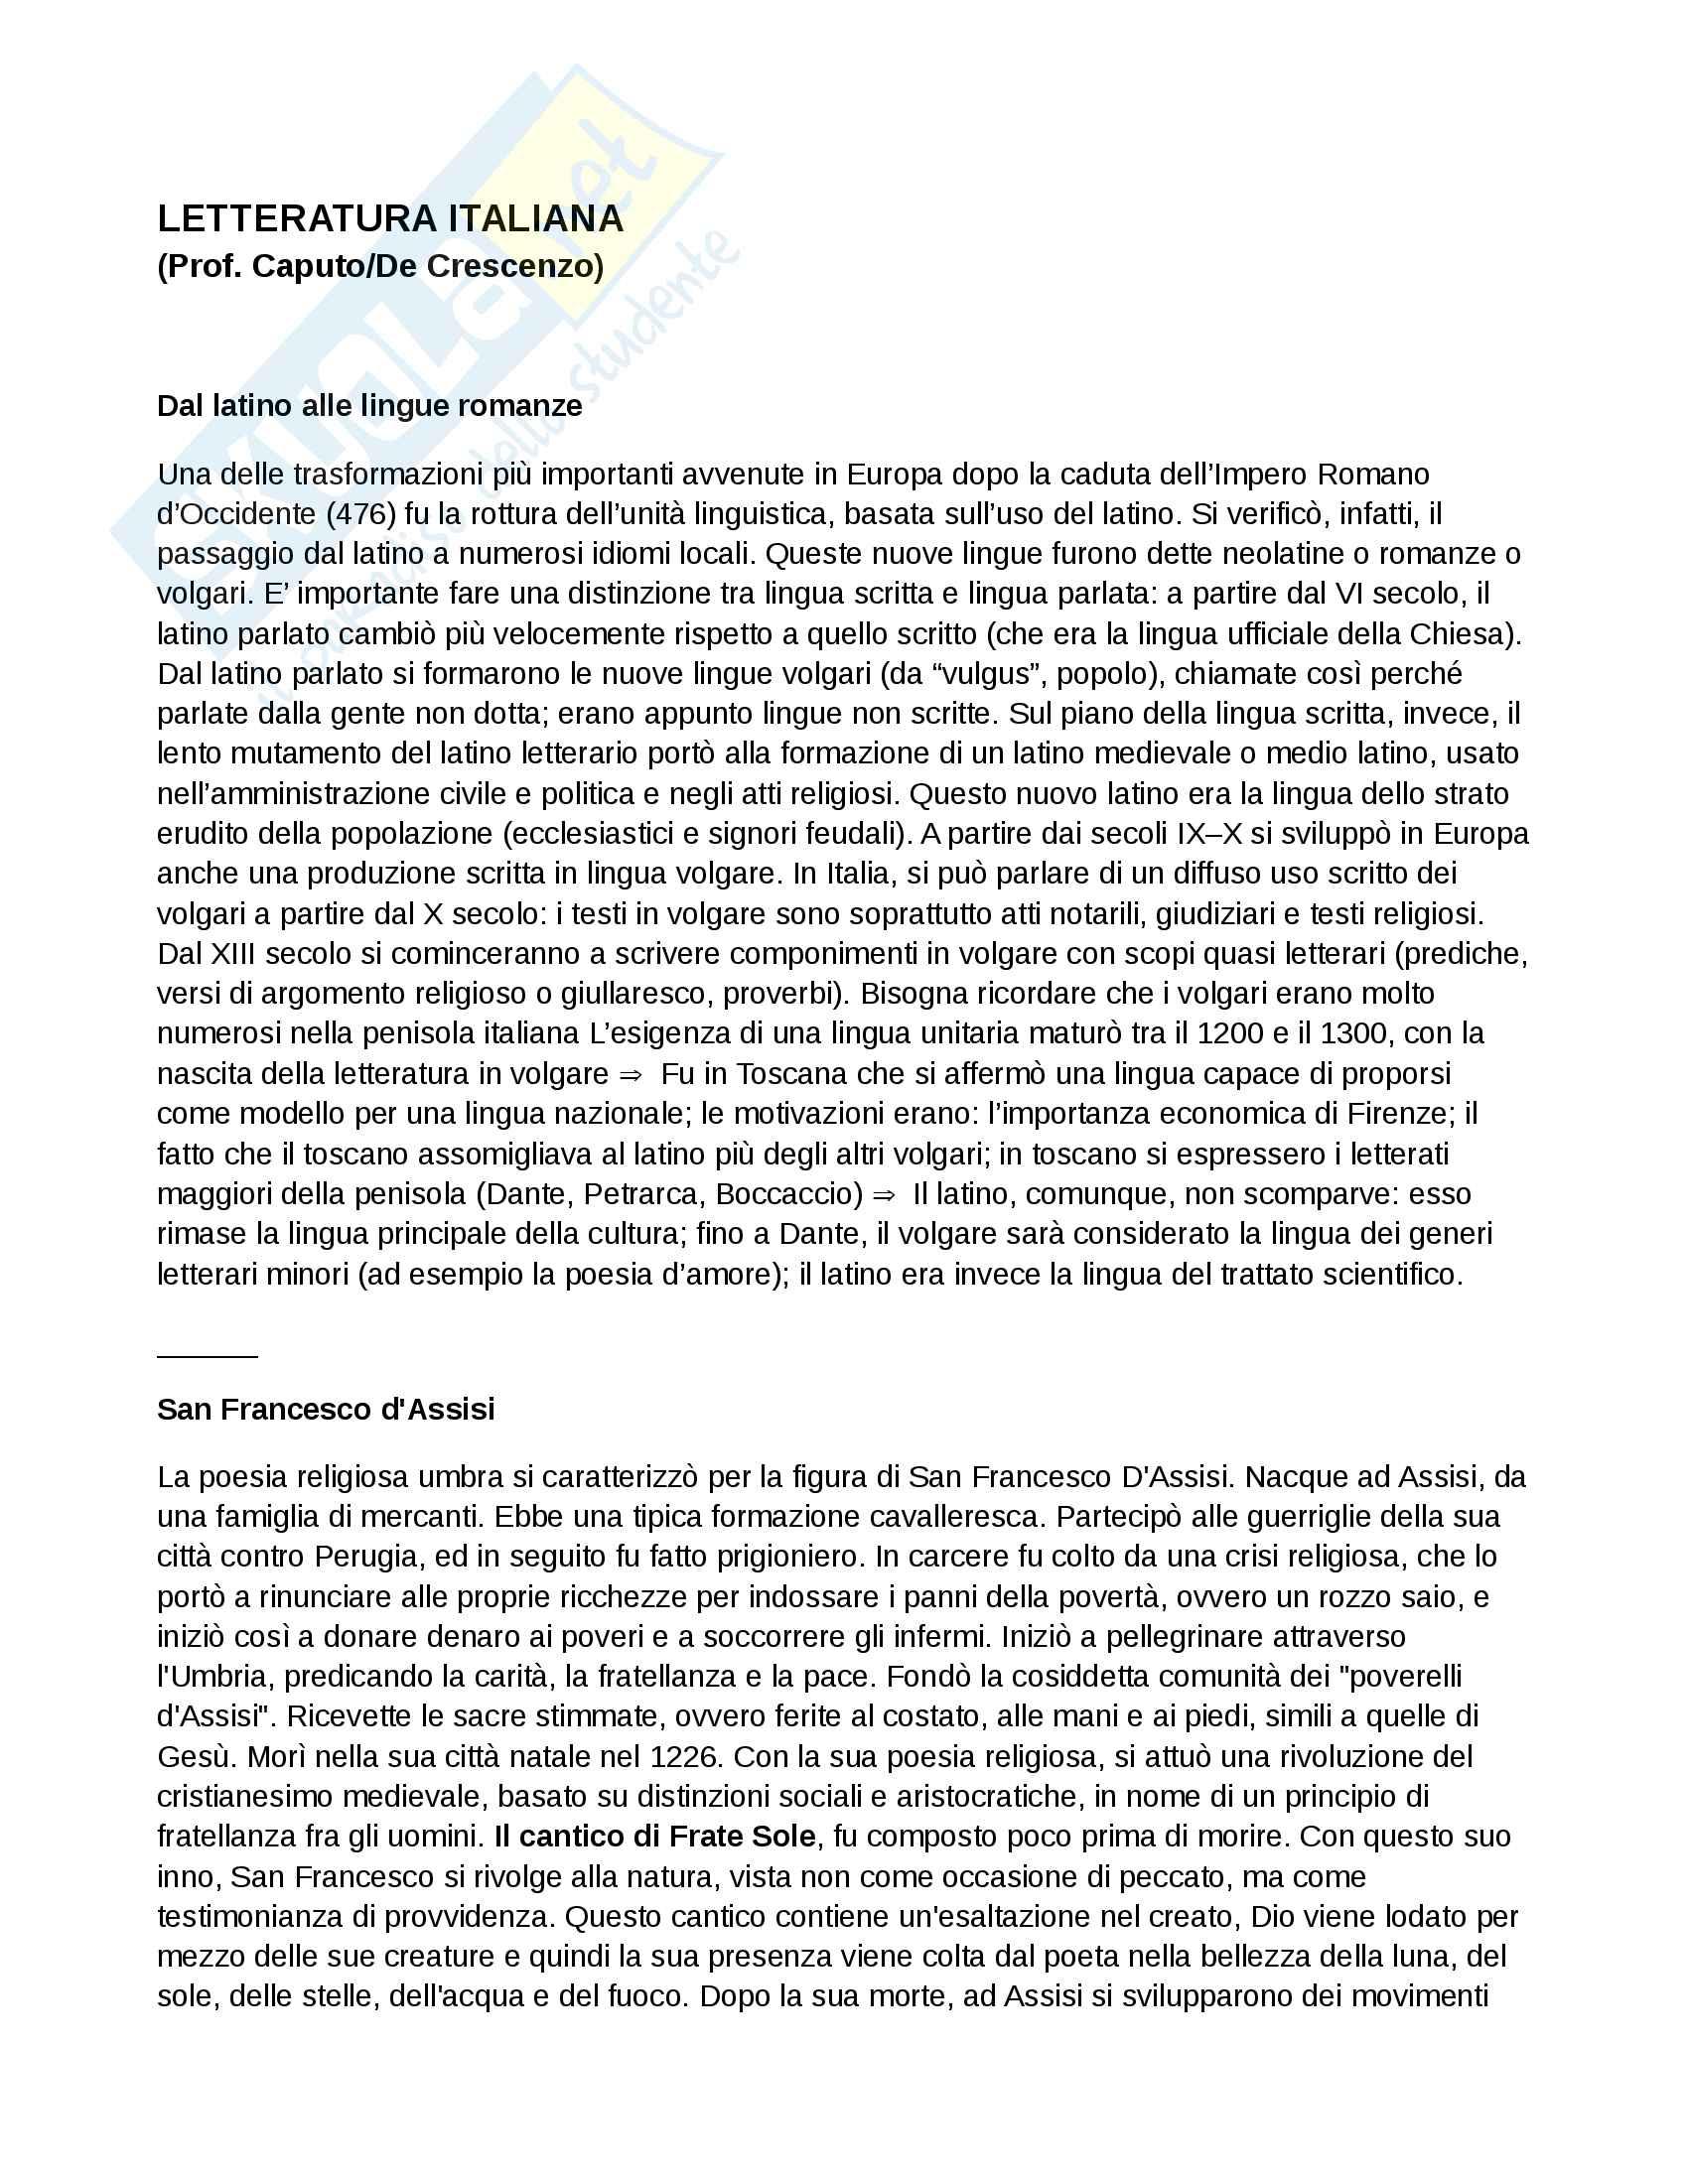 Appunti di Letteratura Italiana I e II (Con prof.Caputo/De Crescenzo)